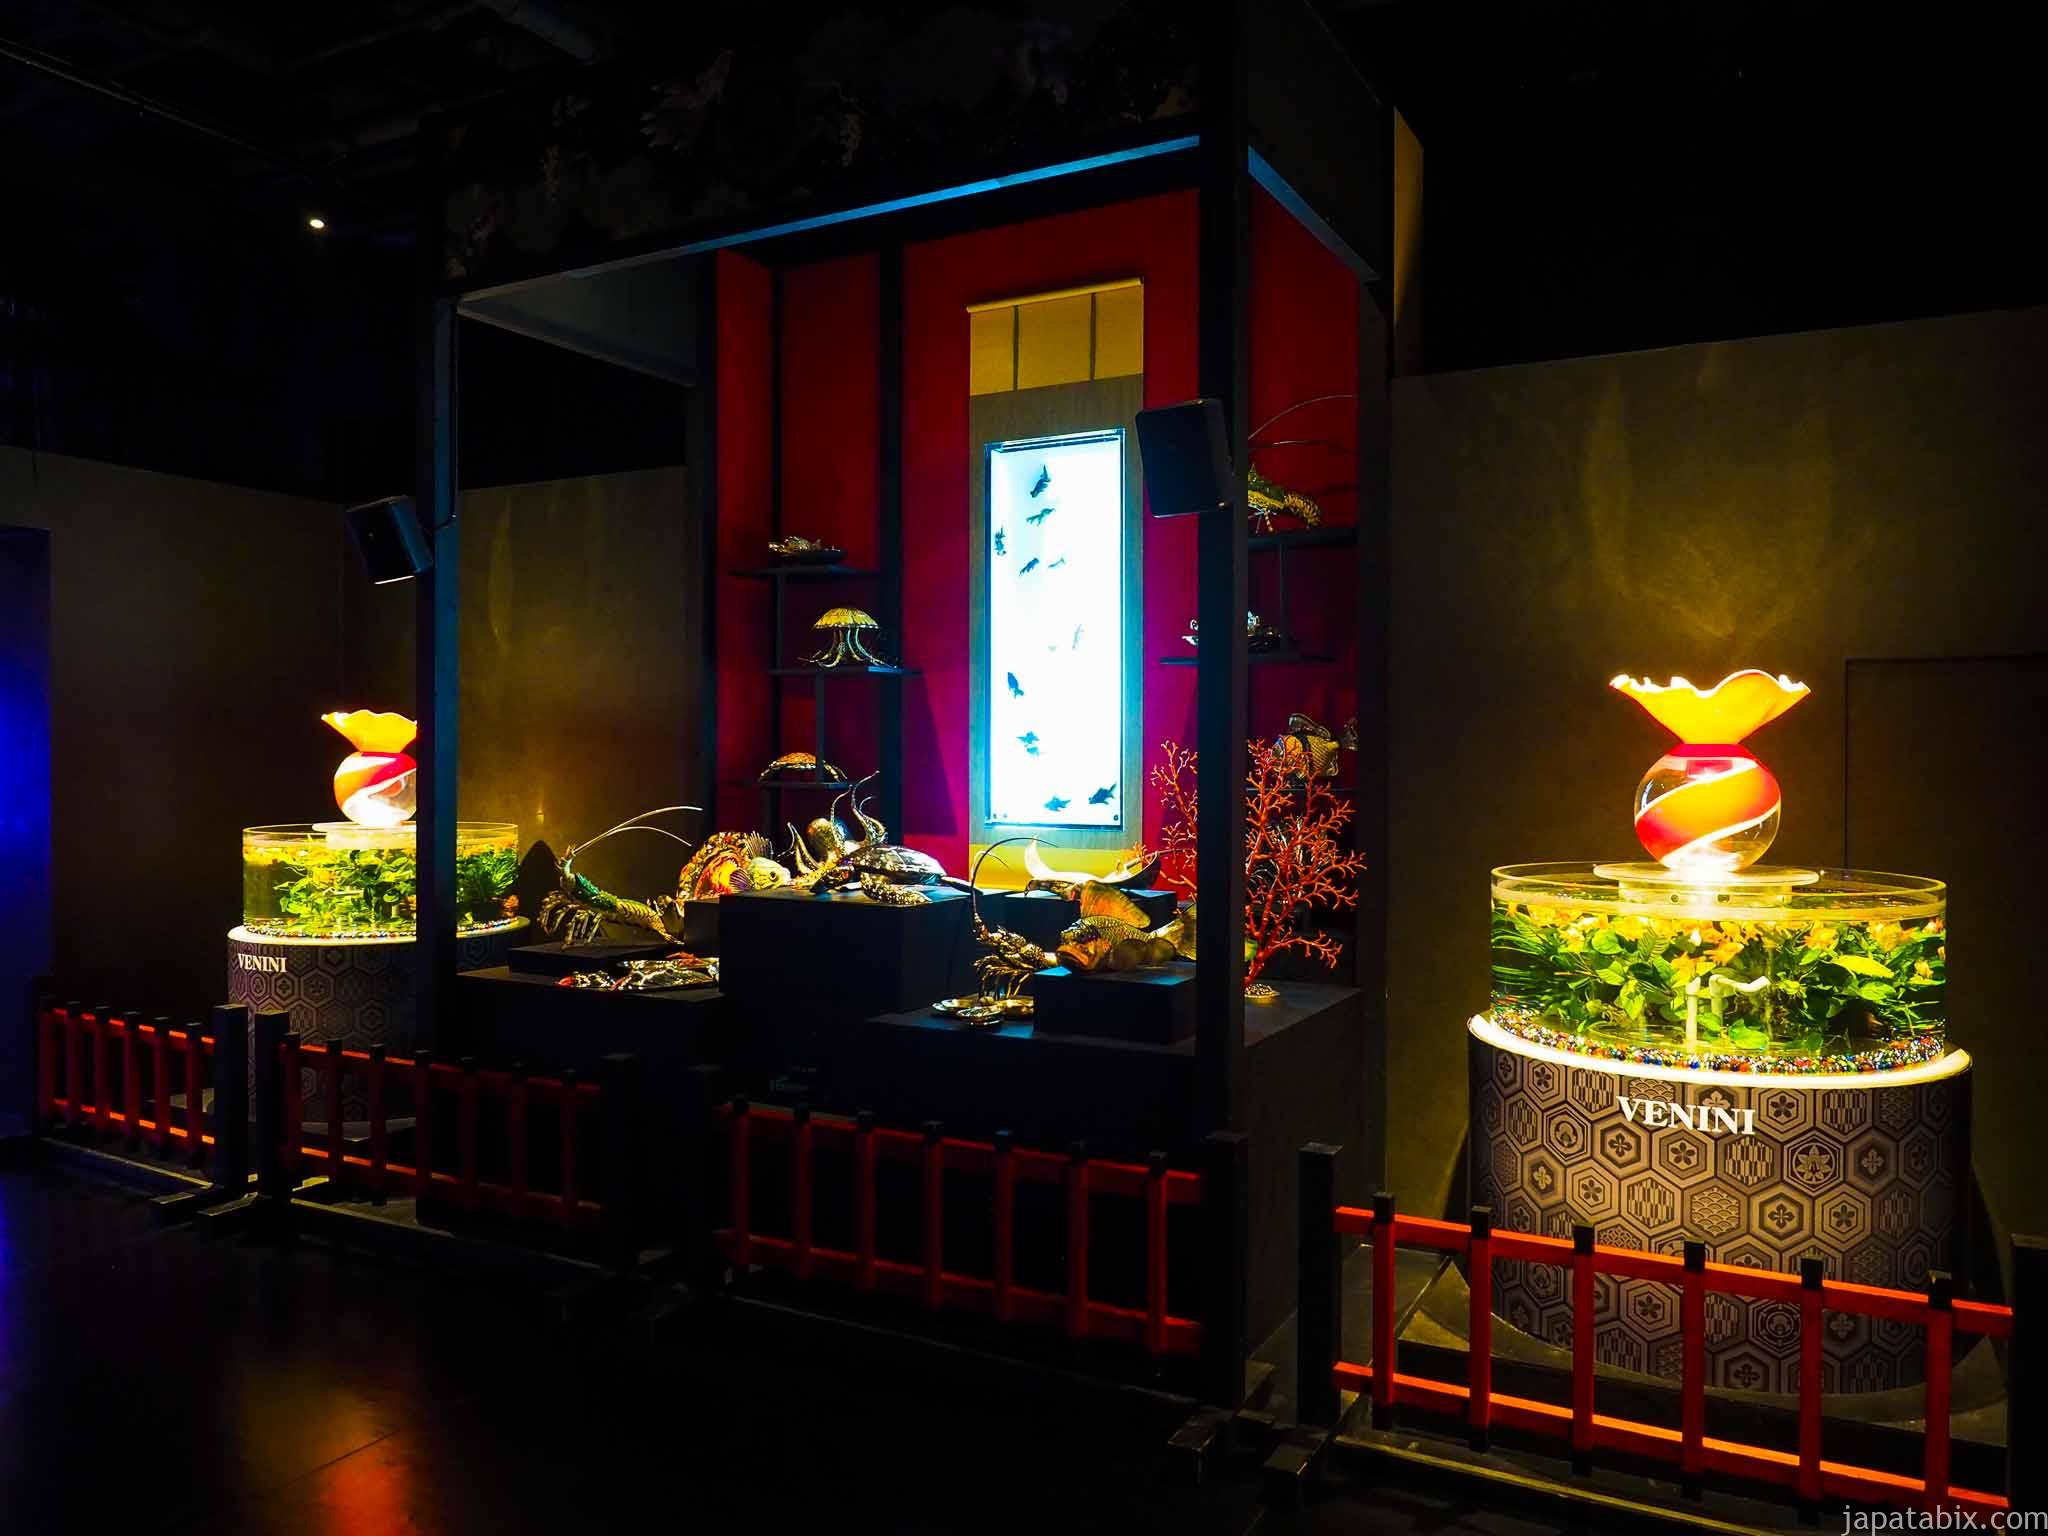 アートアクアリウム美術館 床掛け金魚飾り